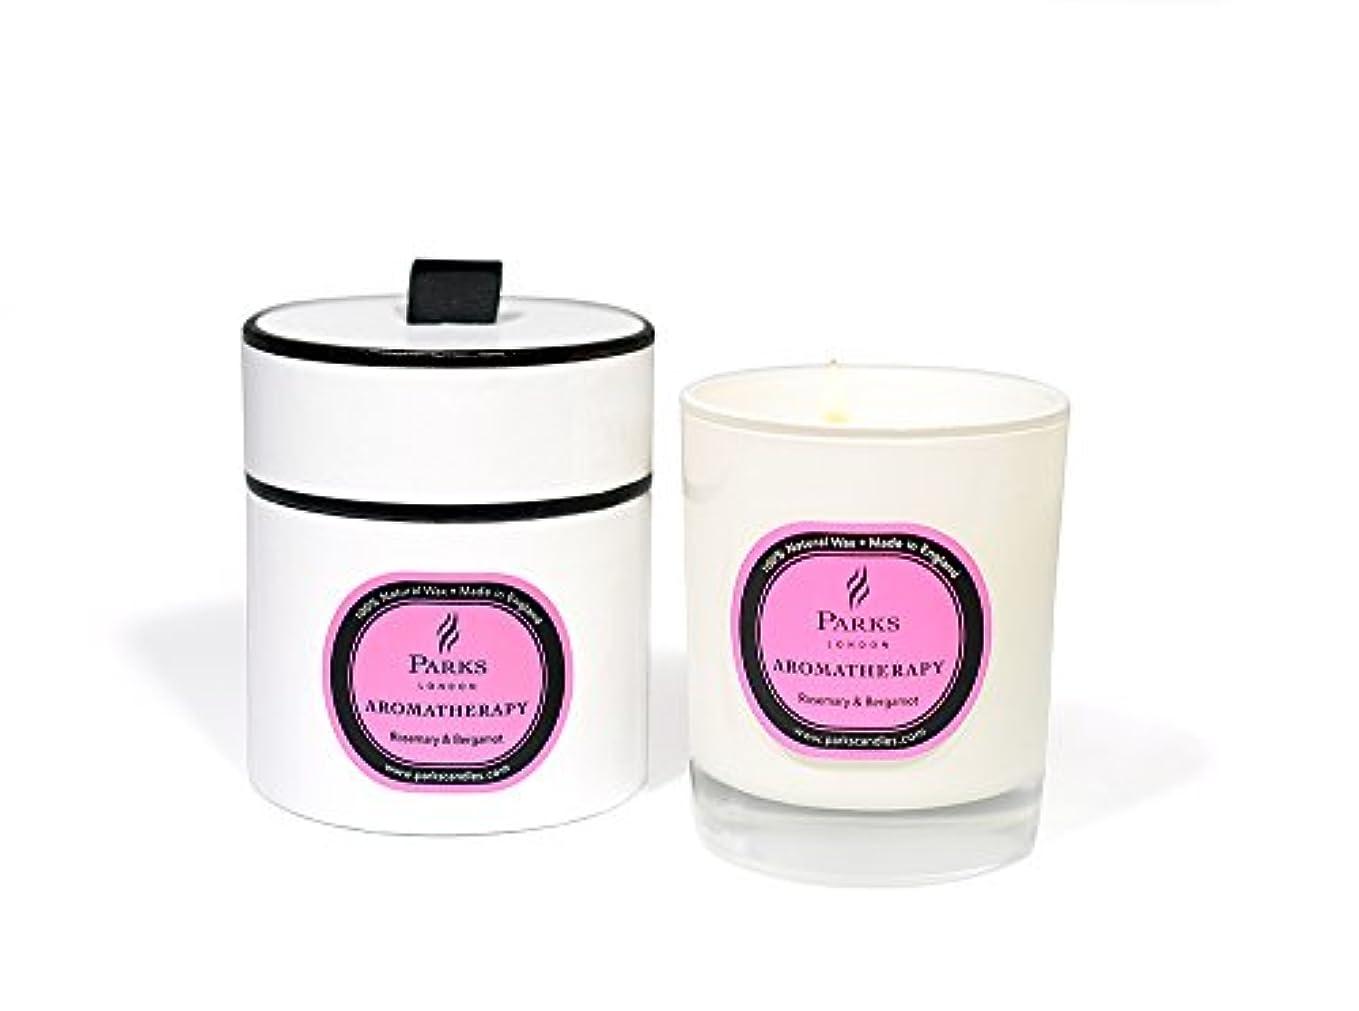 いまドループ辞任する(Rosemary & Bergamot) - Parks Aromatherapy Natural Wax Candle, Rosemary & Bergamot, 235g, Giftboxed